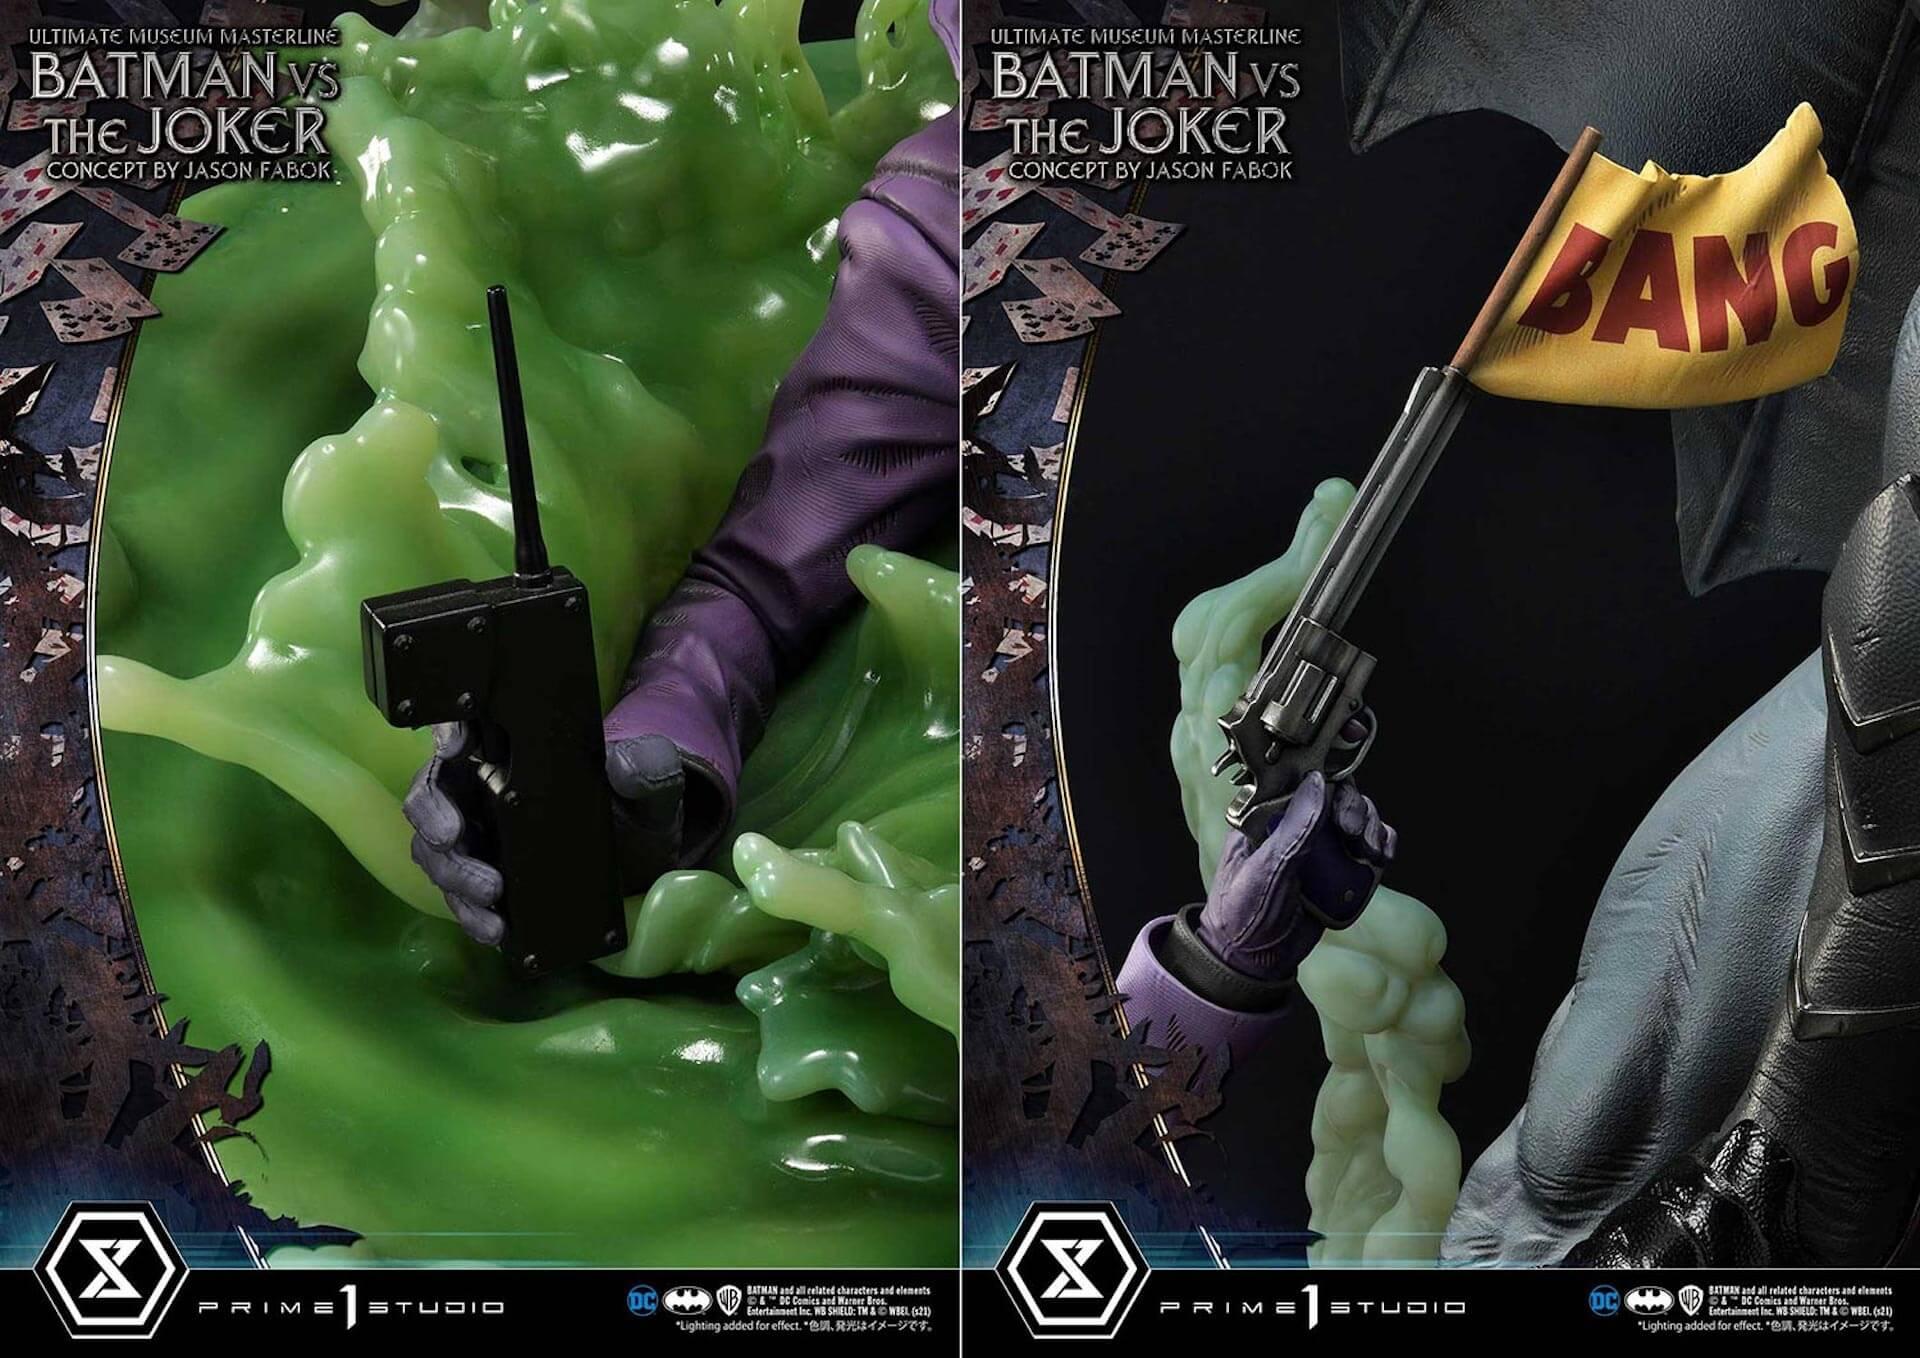 """バットマンとジョーカーによる永遠の戦いがフィギュアに!「バットマンVSジョーカー """"コンセプト by ジェイソン・ファボック""""」が予約受付スタート art211007_batman_joker_figure_1"""